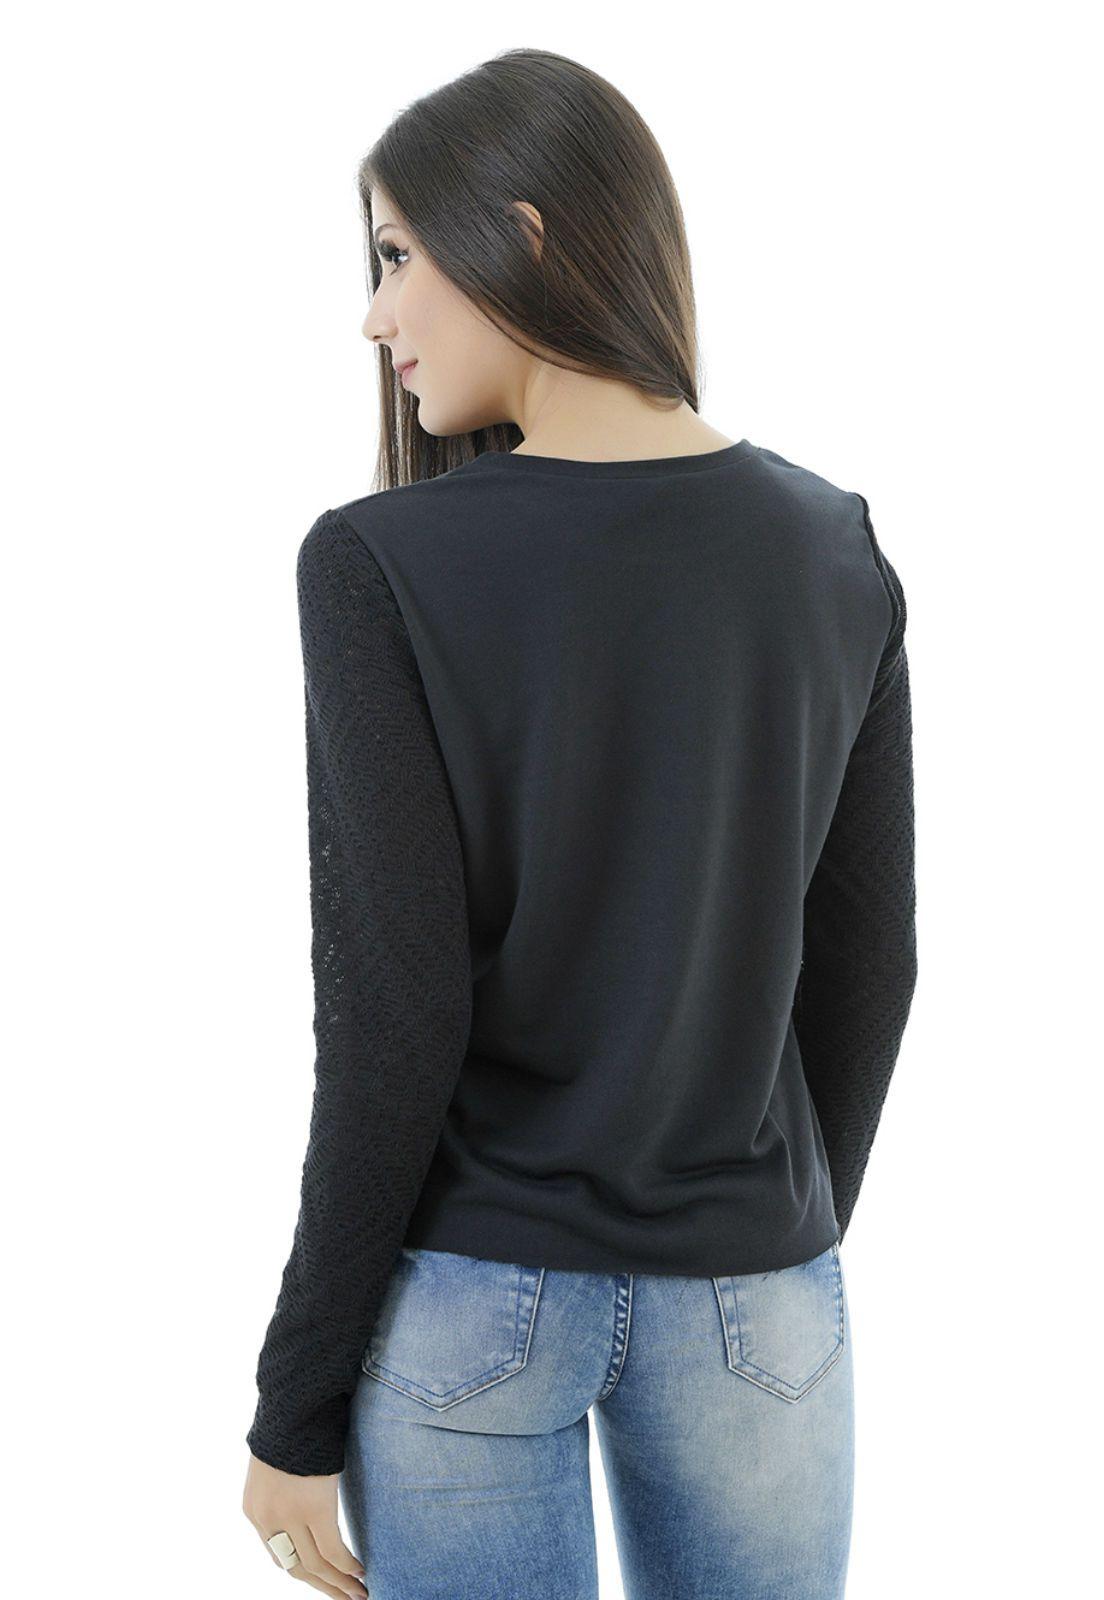 Blusa manga longa preta